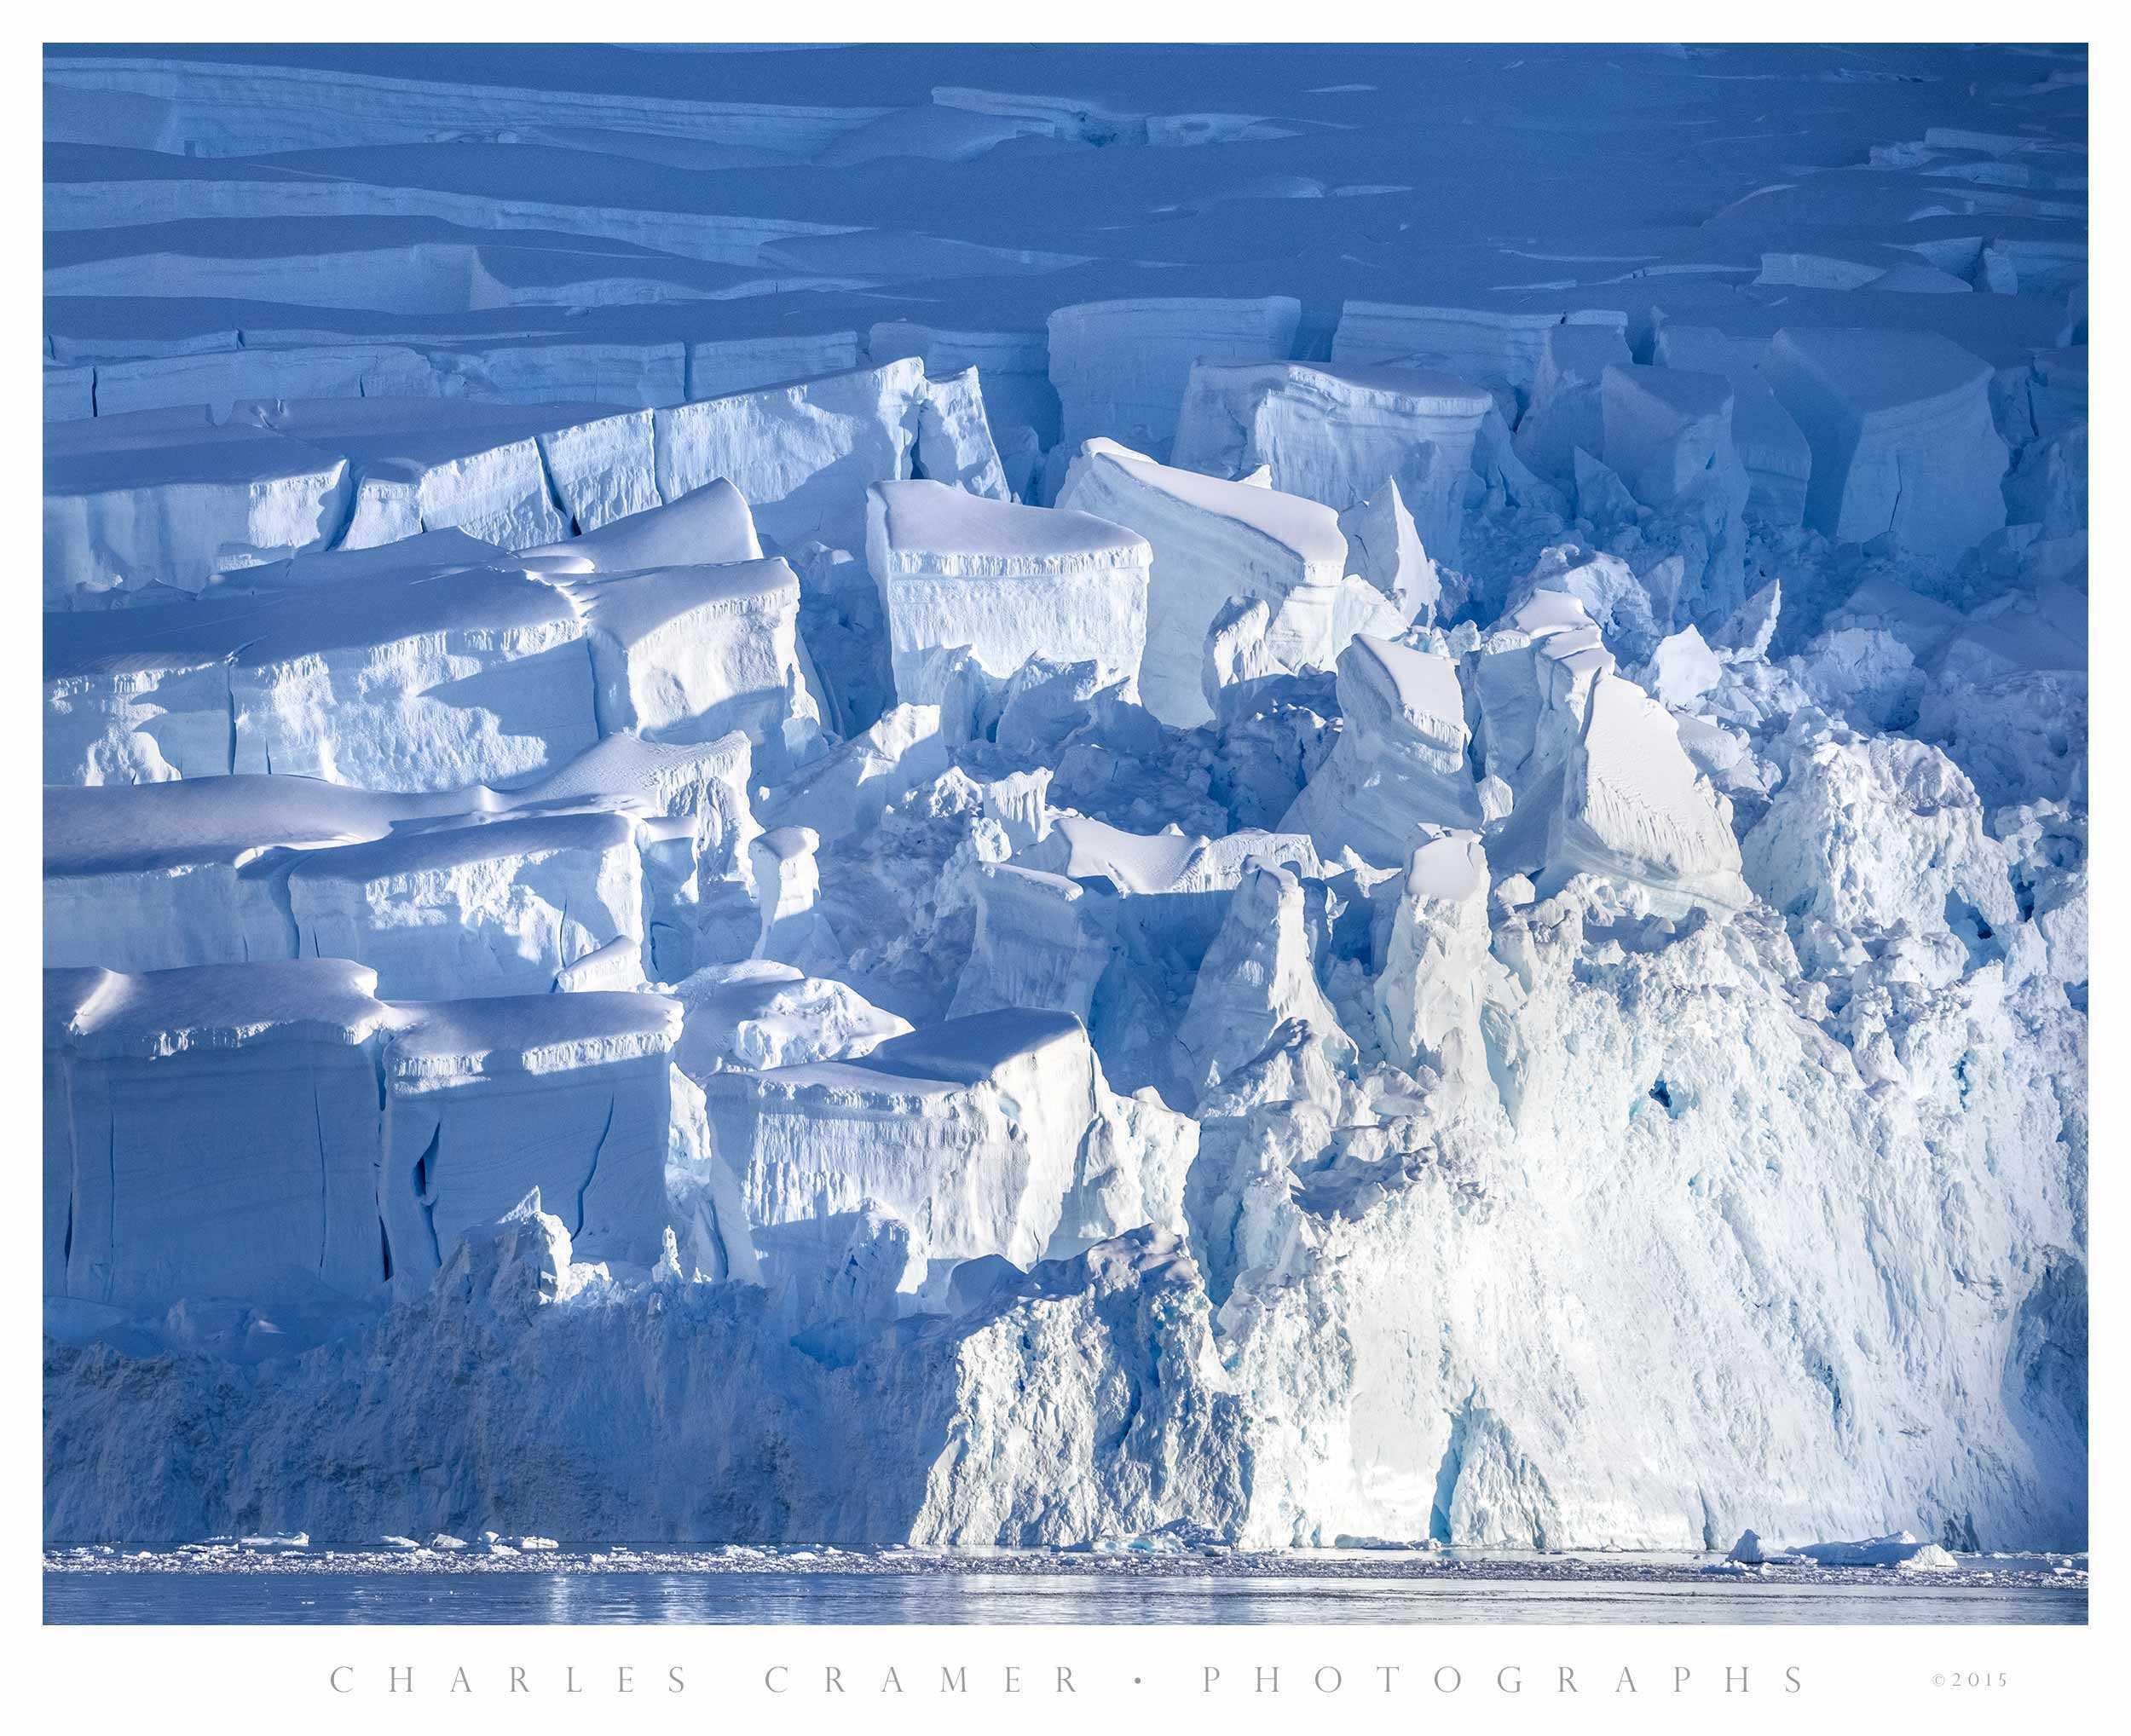 Sunrise on Glacier Crevasses, Antarctic Peninsula